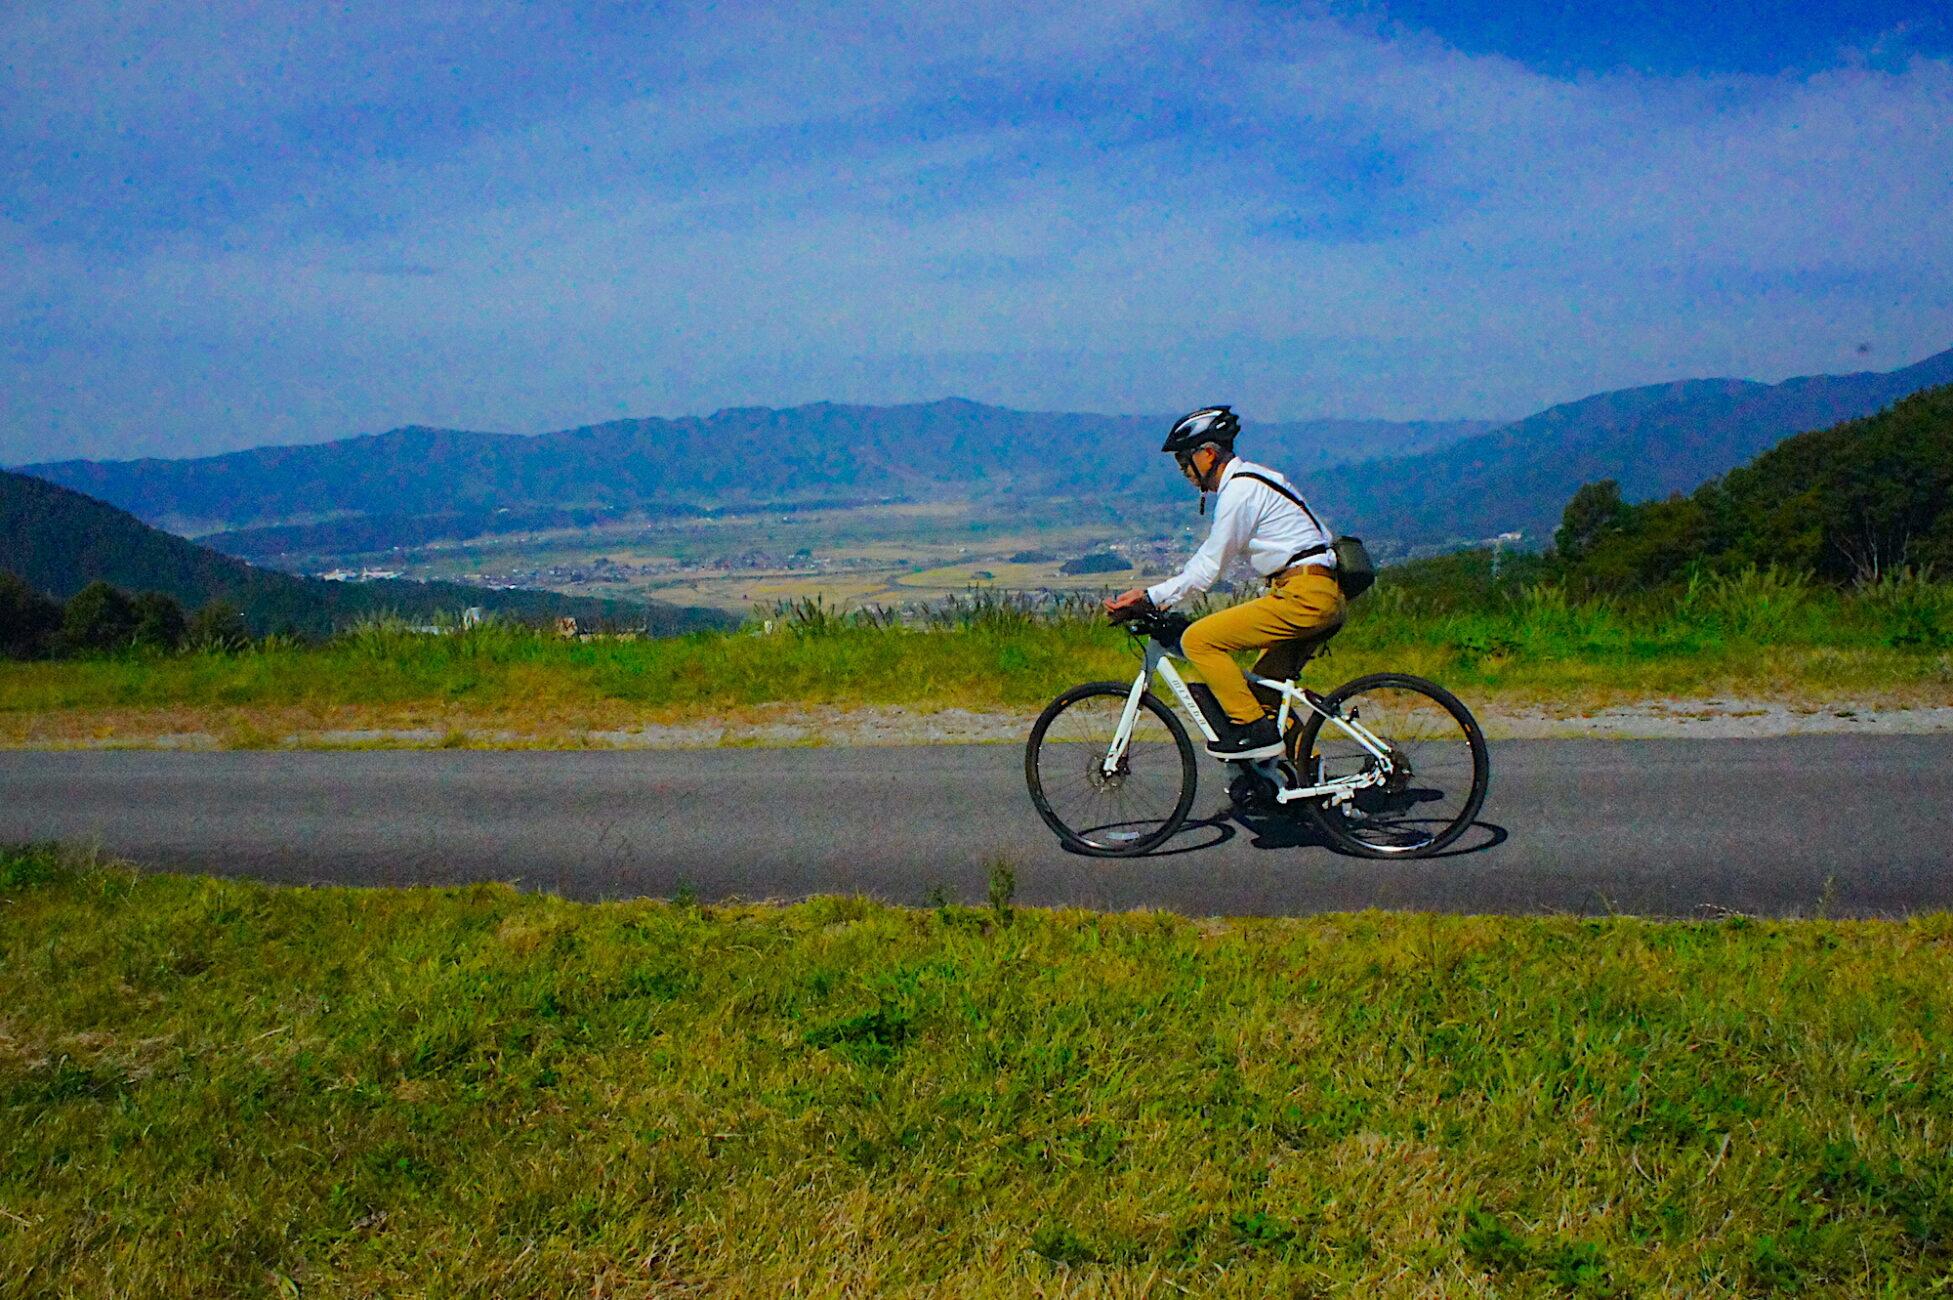 眺めの良い木島平スキー場を横切る道をE-bikeで走る